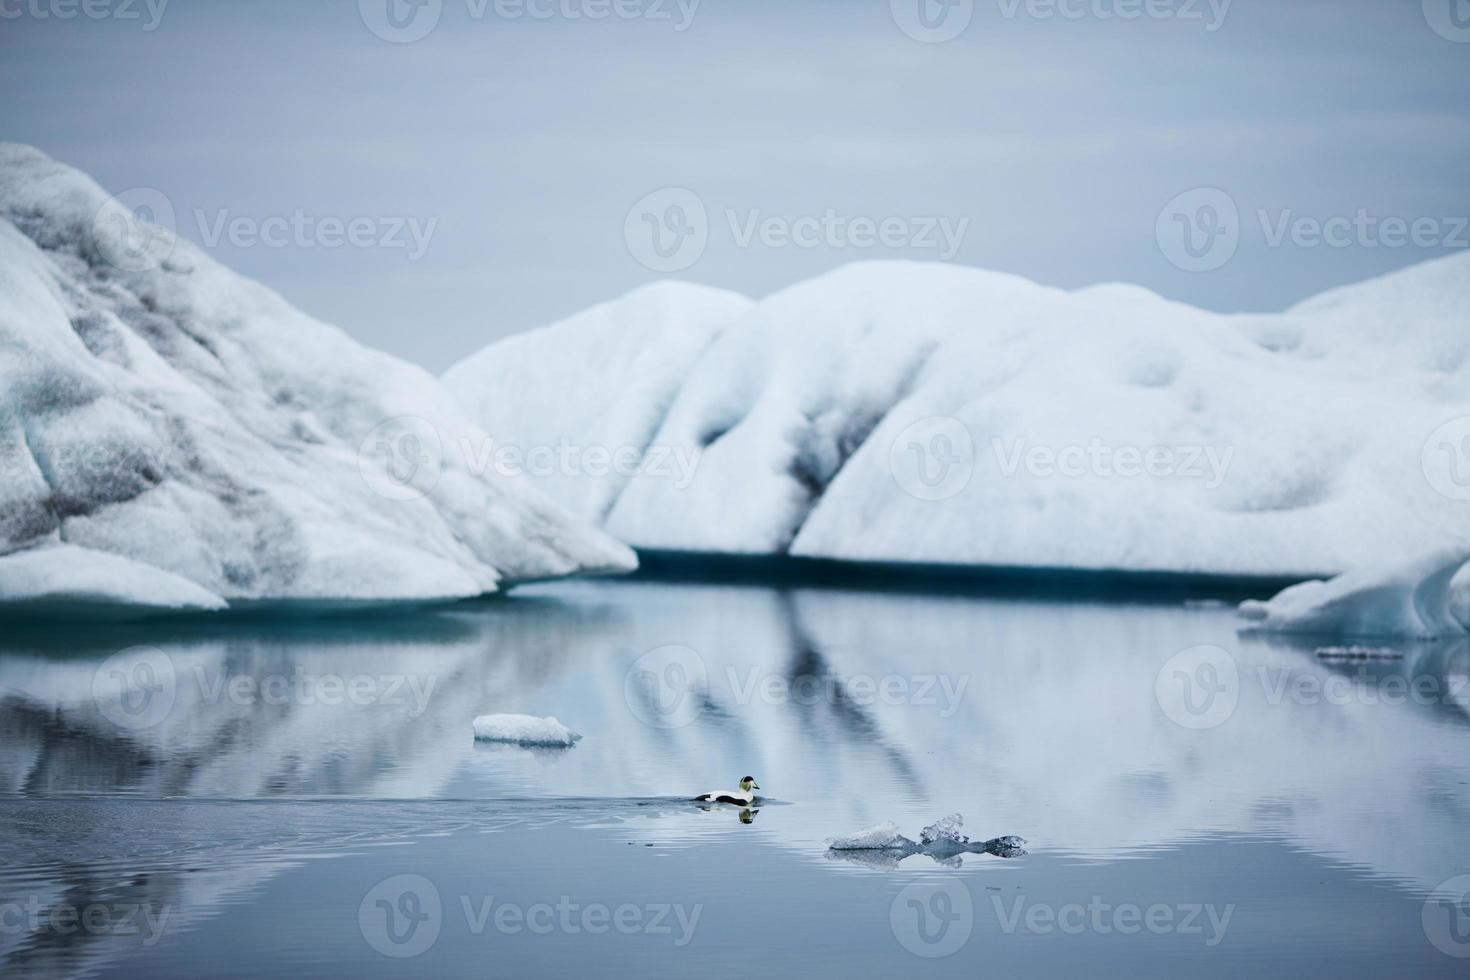 anatra in iceberg coperti di neve - lago glaciale jokulsarlon, islanda foto